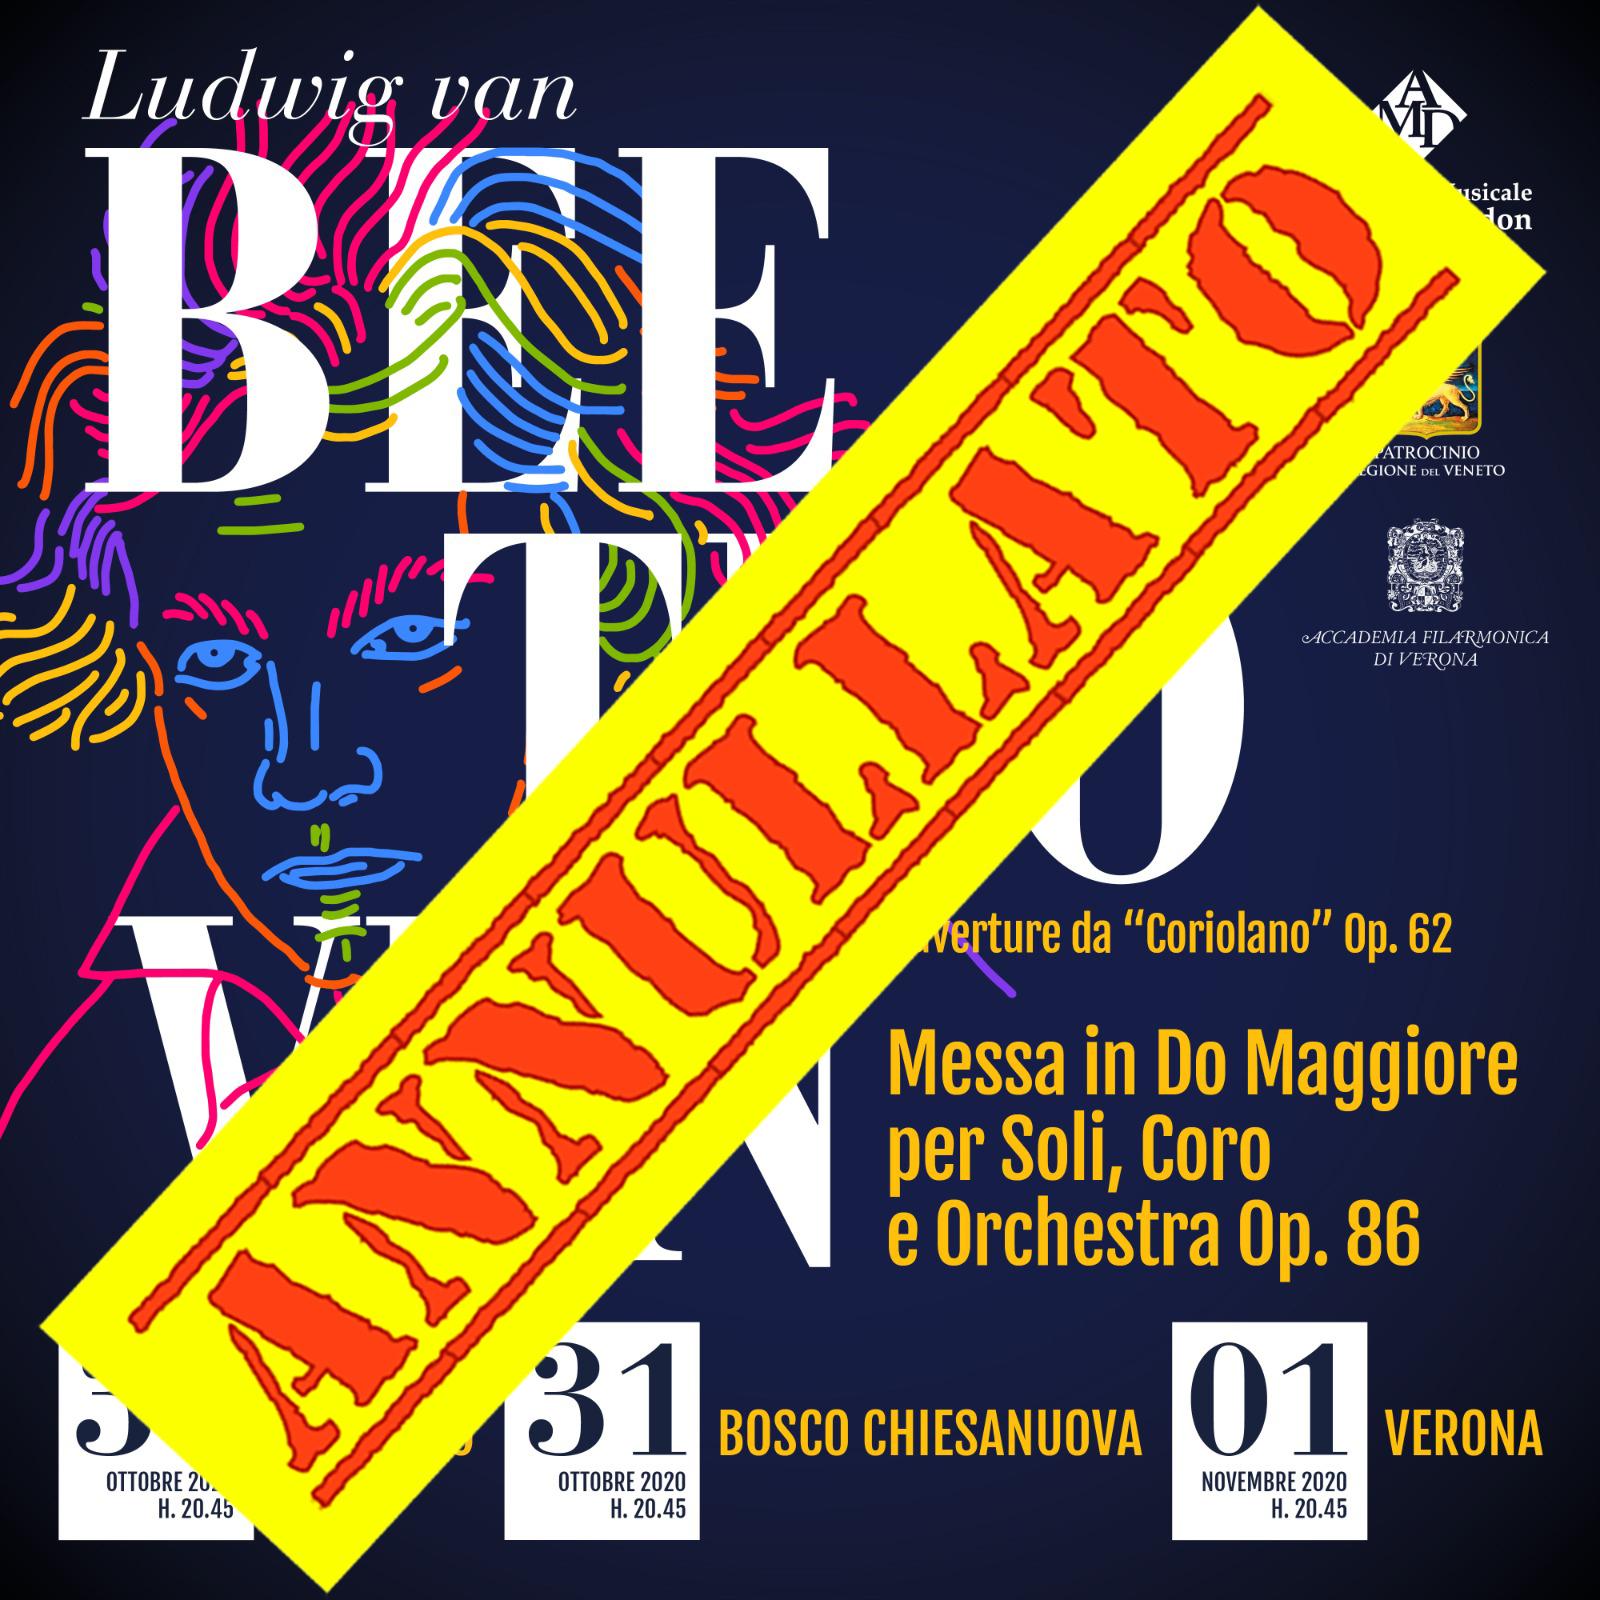 Annullati i concerti in onore di Beethoven